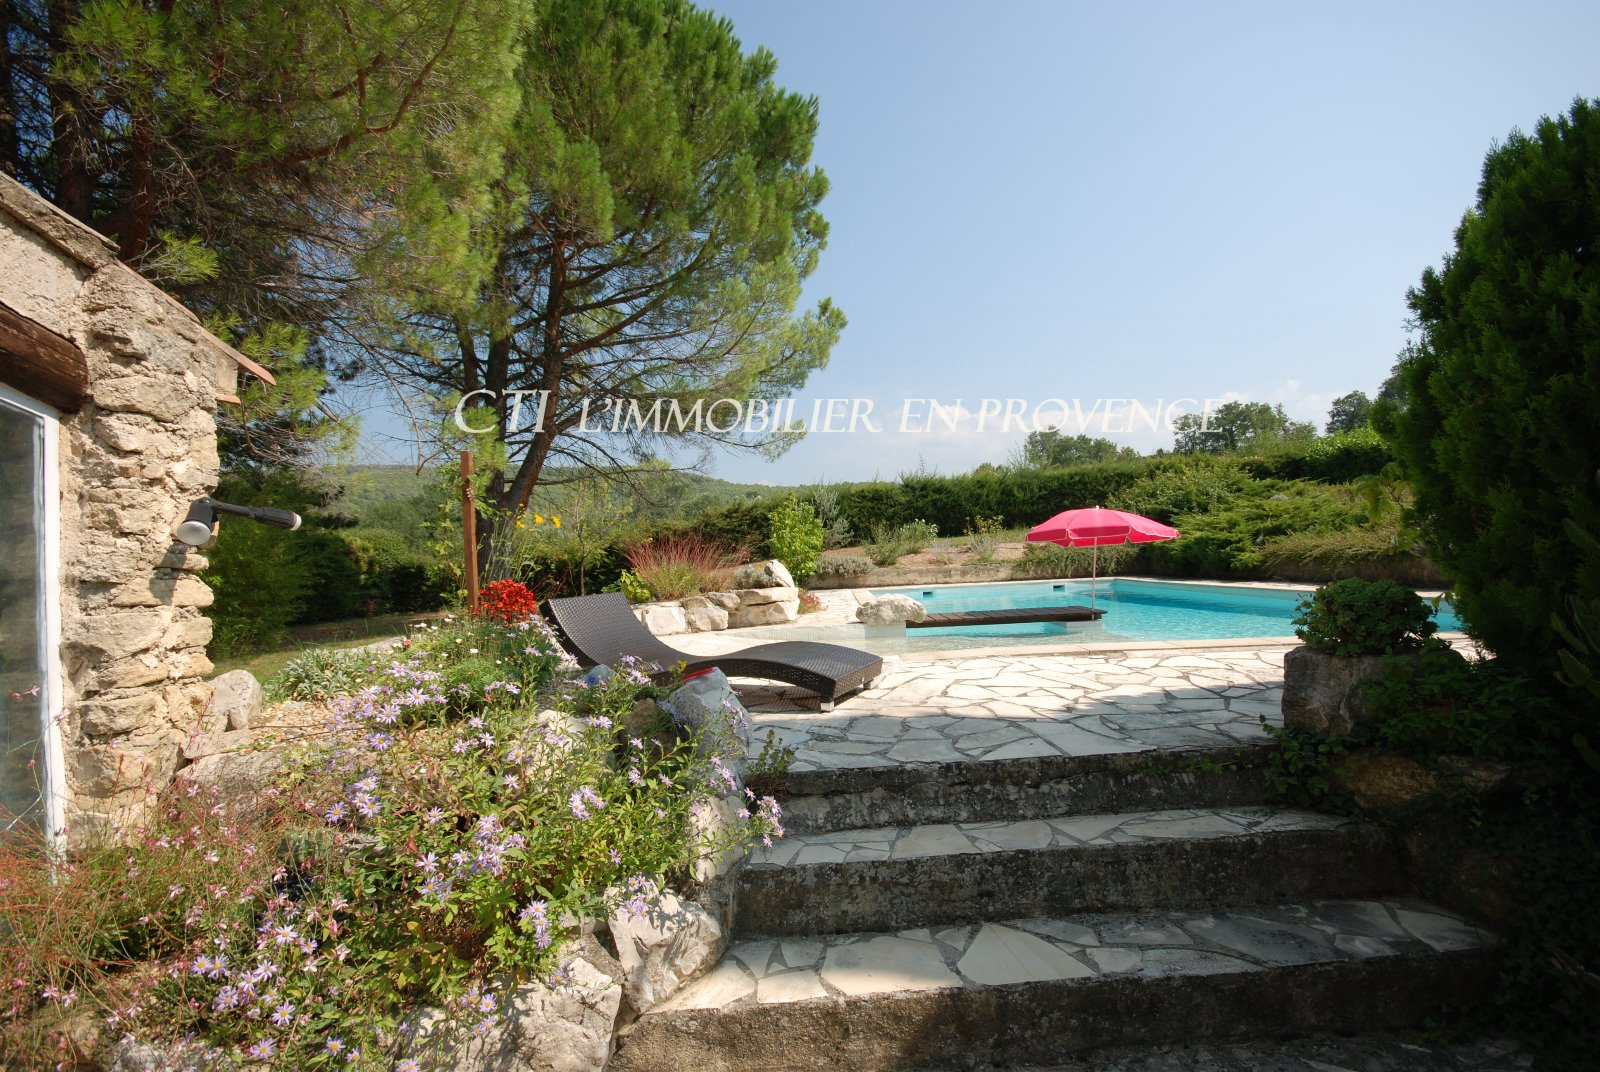 0 www.cti-provence.net, vente  5 mn de Vaison, mas des oliviers restauré avec terrain clos, p